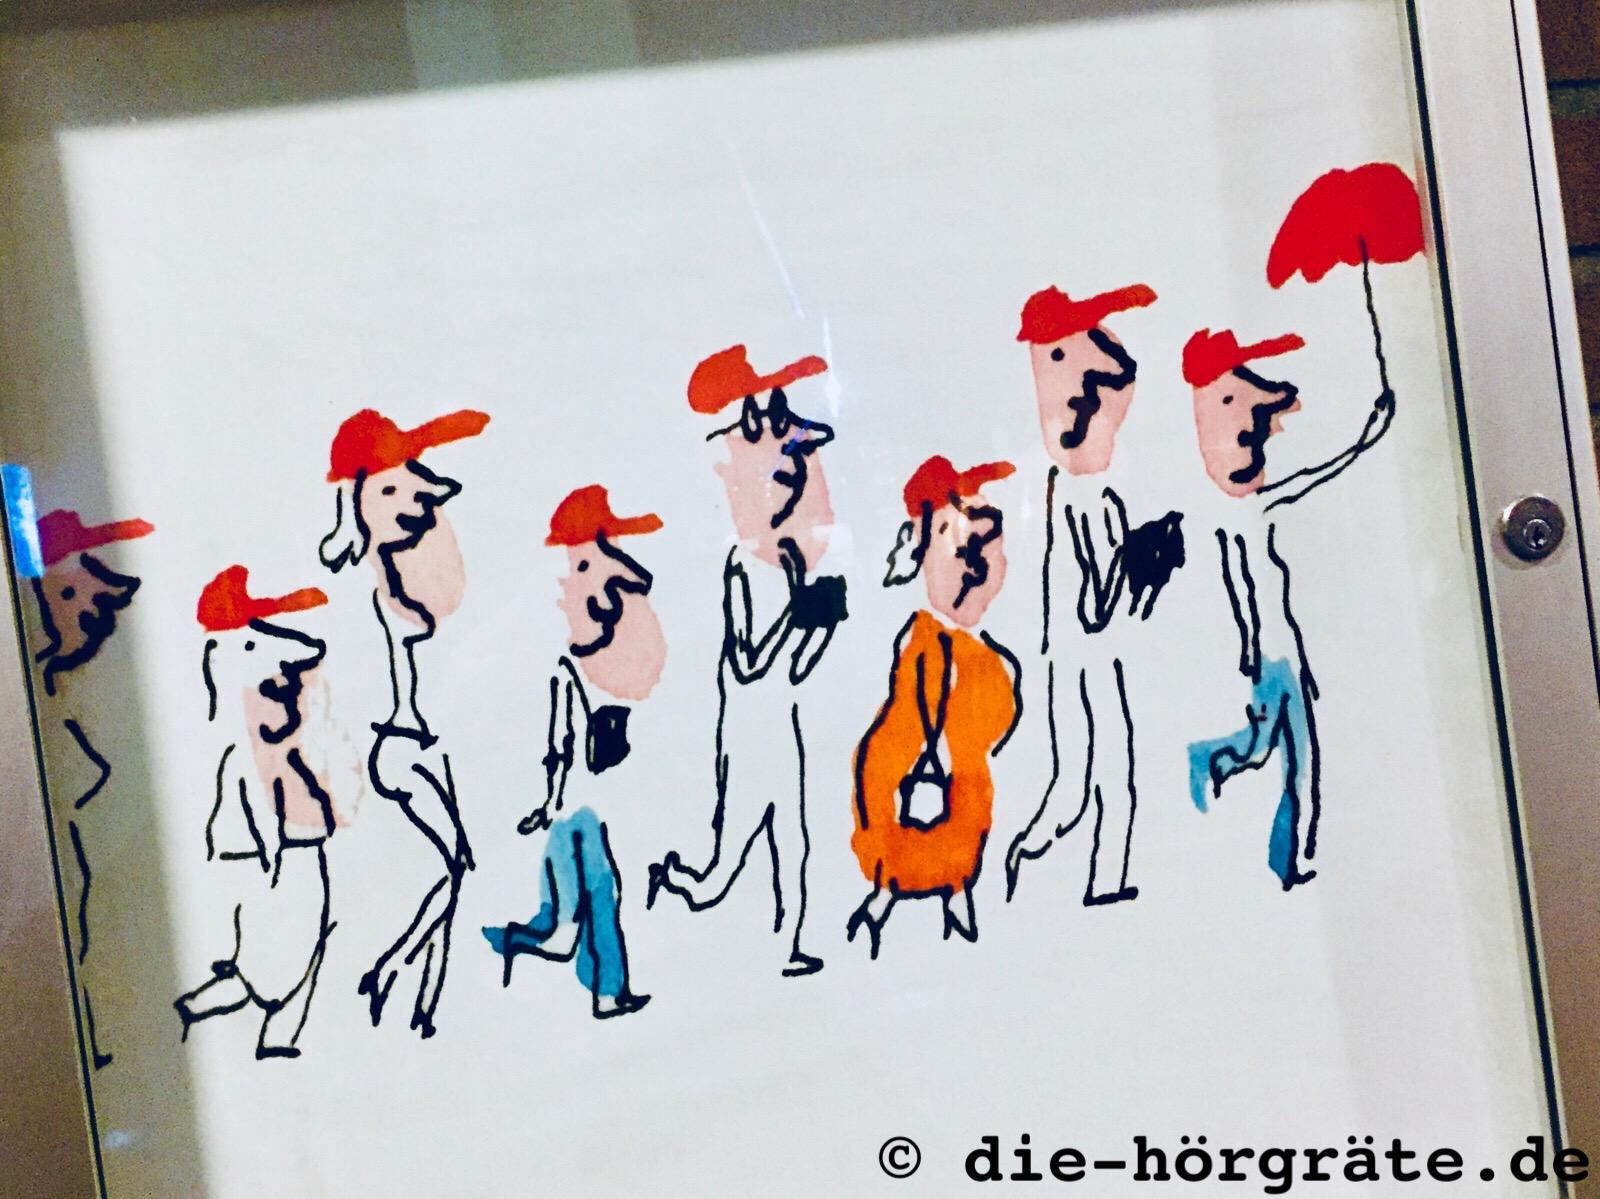 Zeichnung von Leuten, die hintereinander laufen und alle rote Schirmmützen aufhaben, die Zeichnung hänt in einem Glaskasten